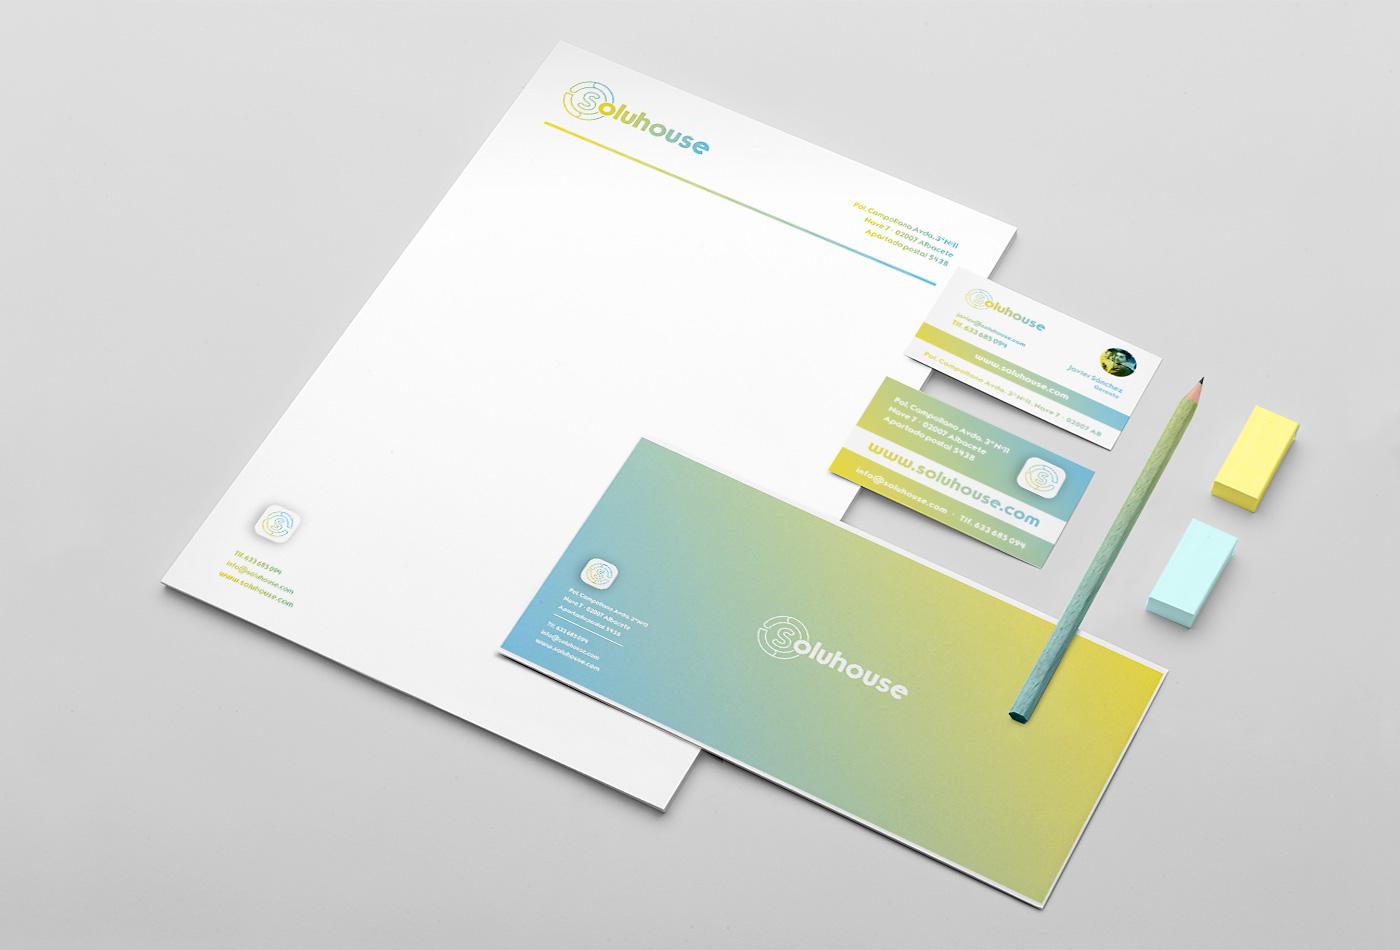 Papelería comercial empresa, Diseño grafico Albacete, branding Albacete, imprenta, SOLUHOUSE